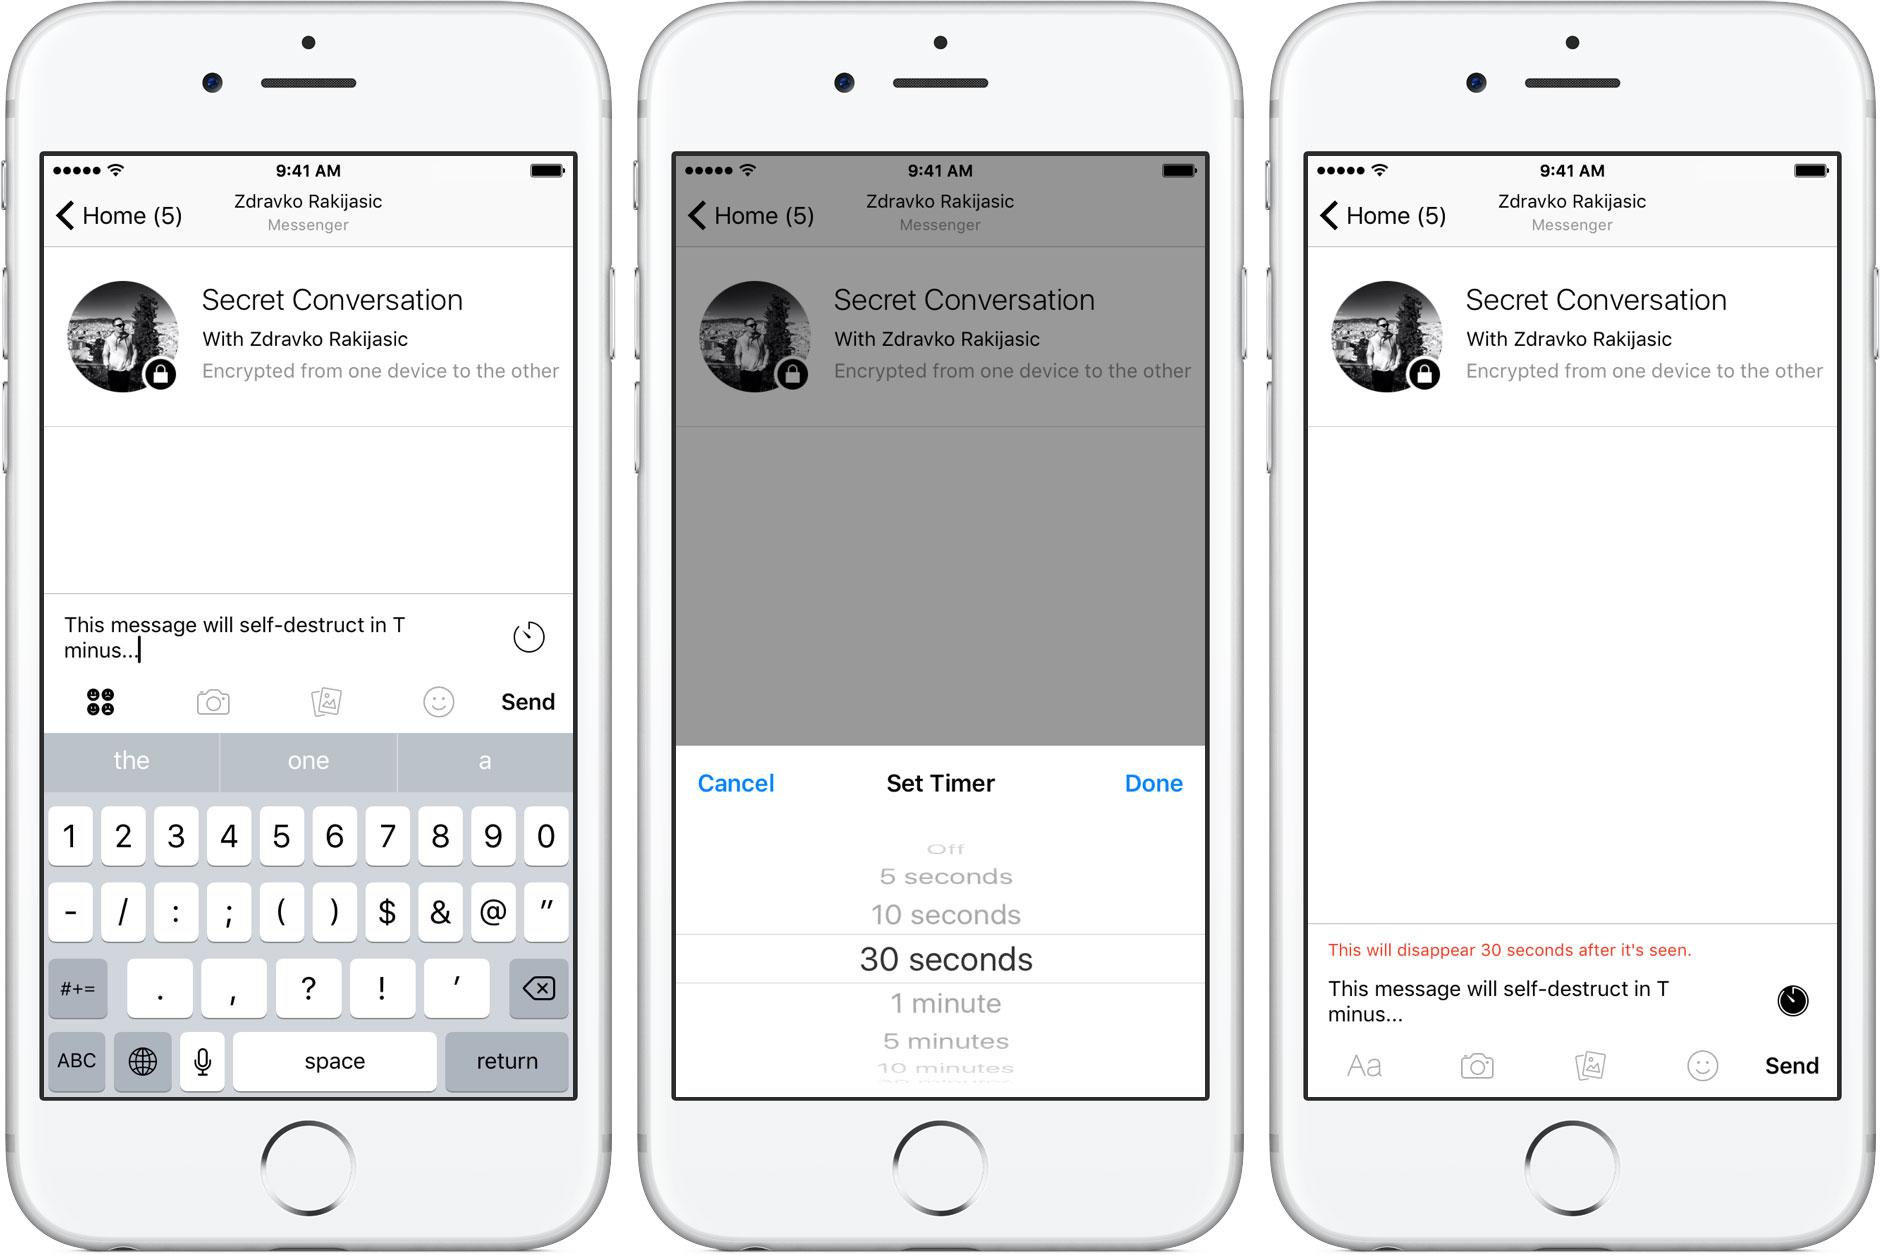 how-to-secret-conversations-facebook-messenger-iphone-screenshot-007-1